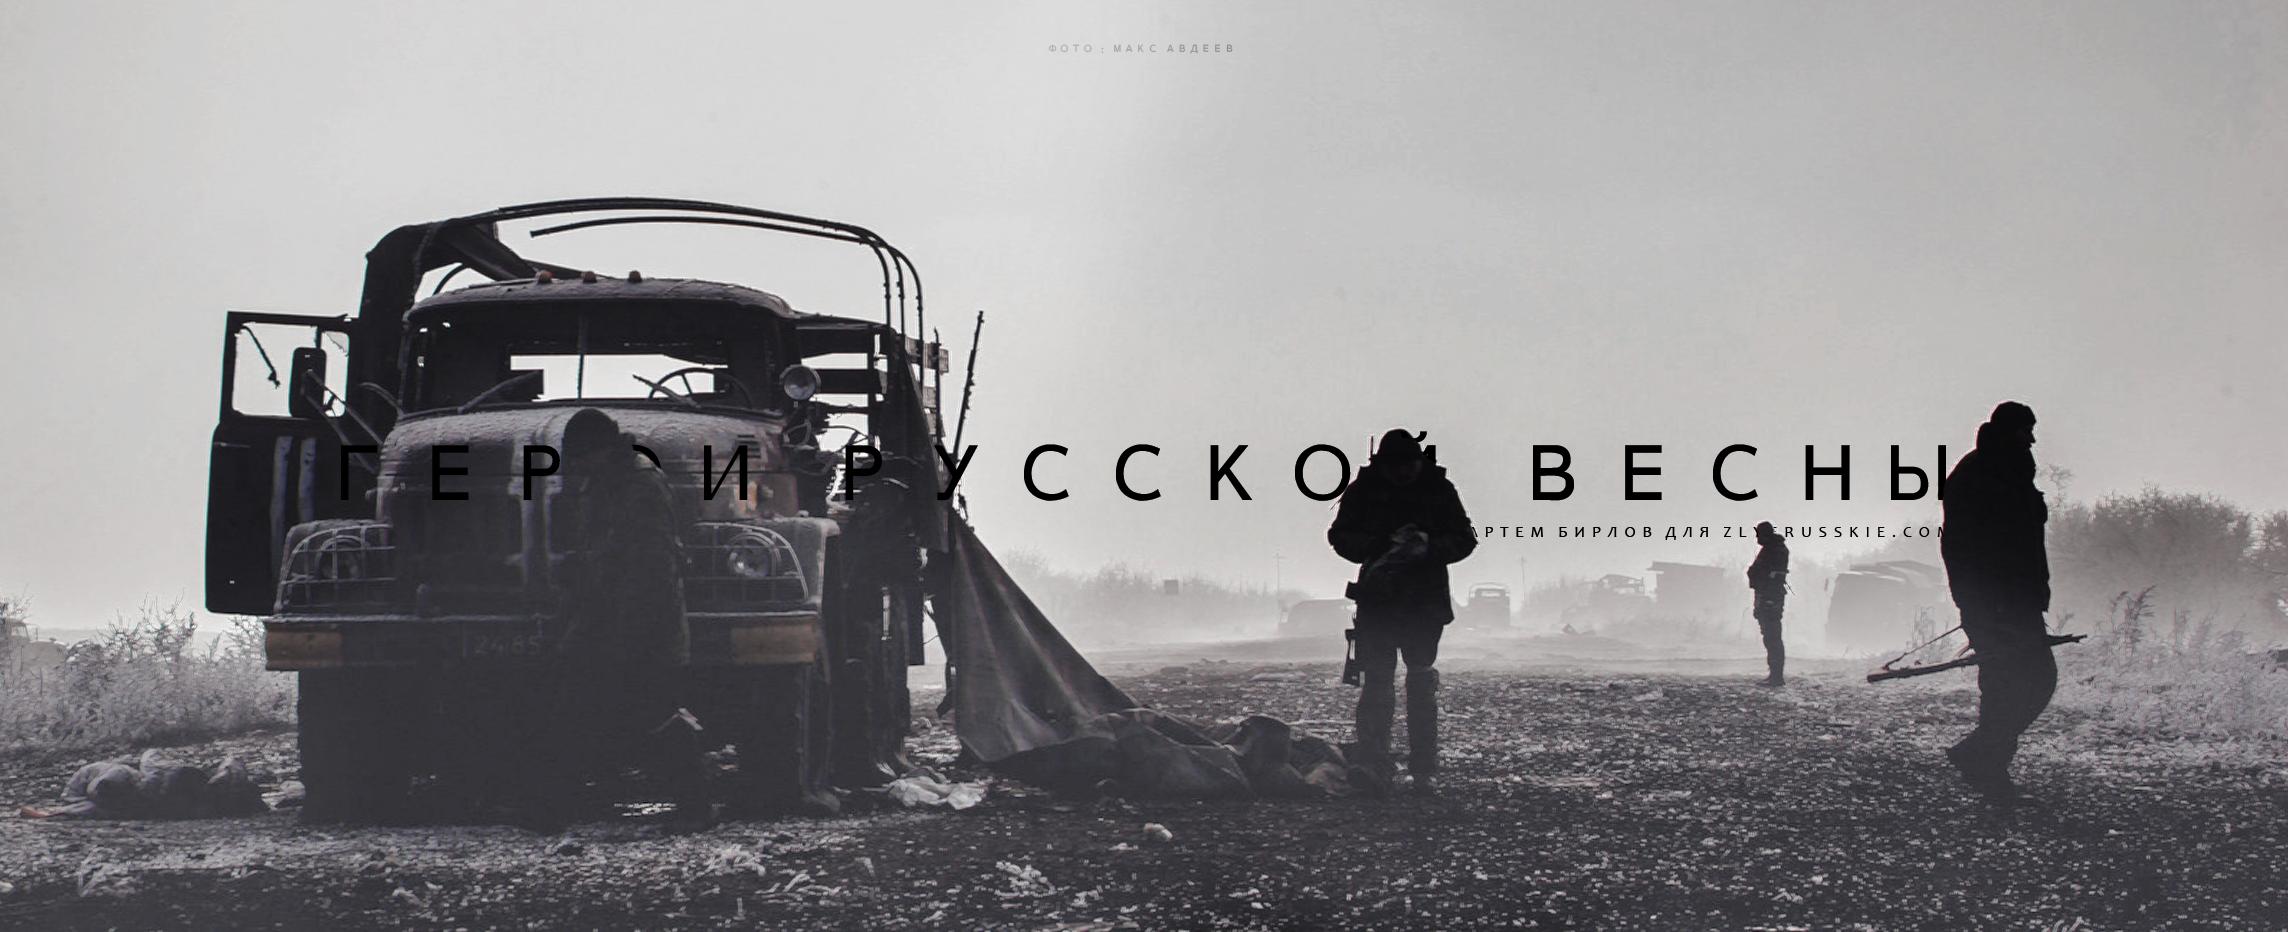 Герои Русской Весны